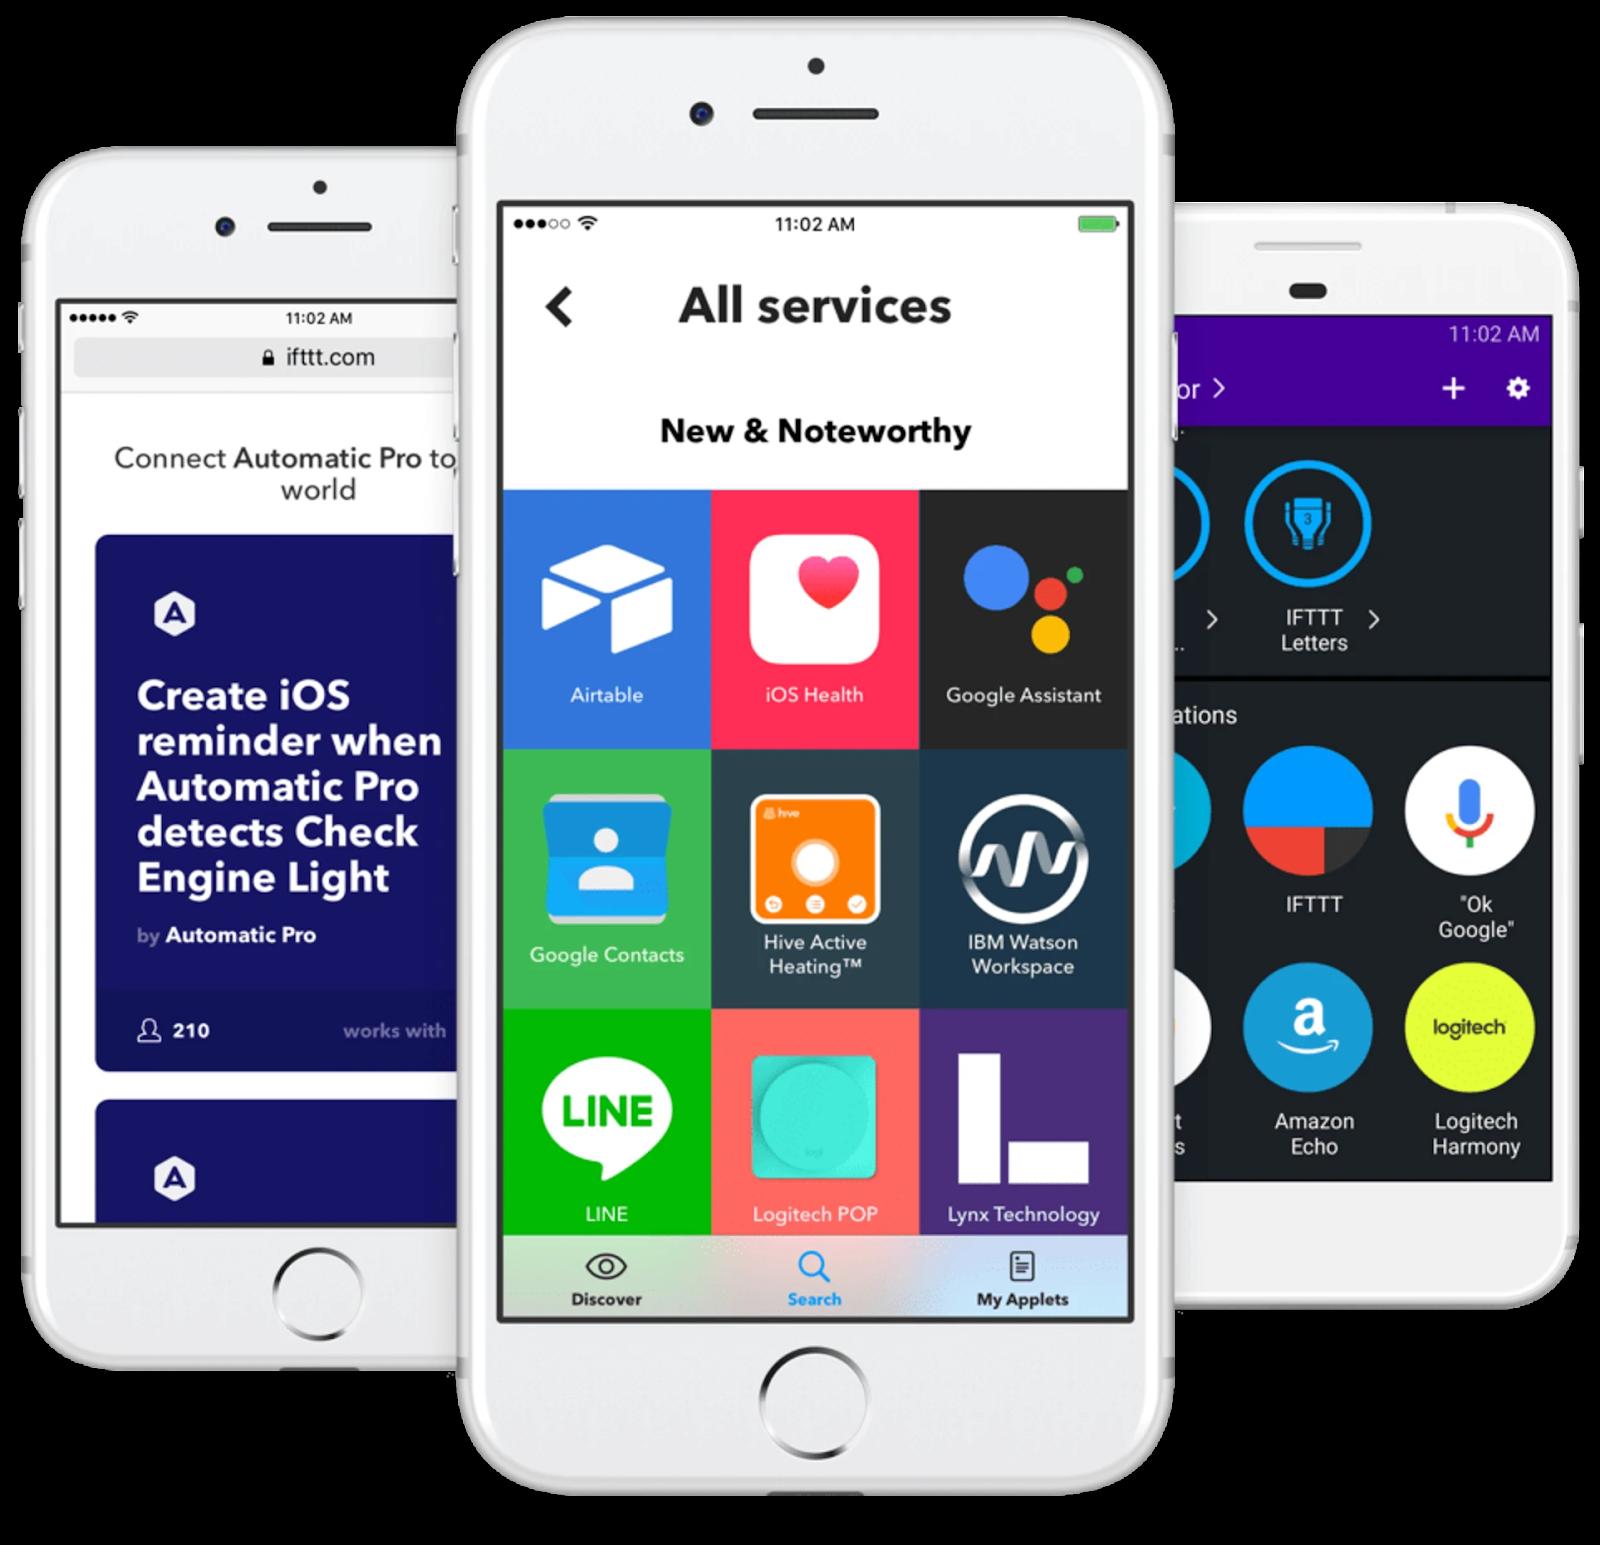 công cụ startup miễn phí - IFTTT